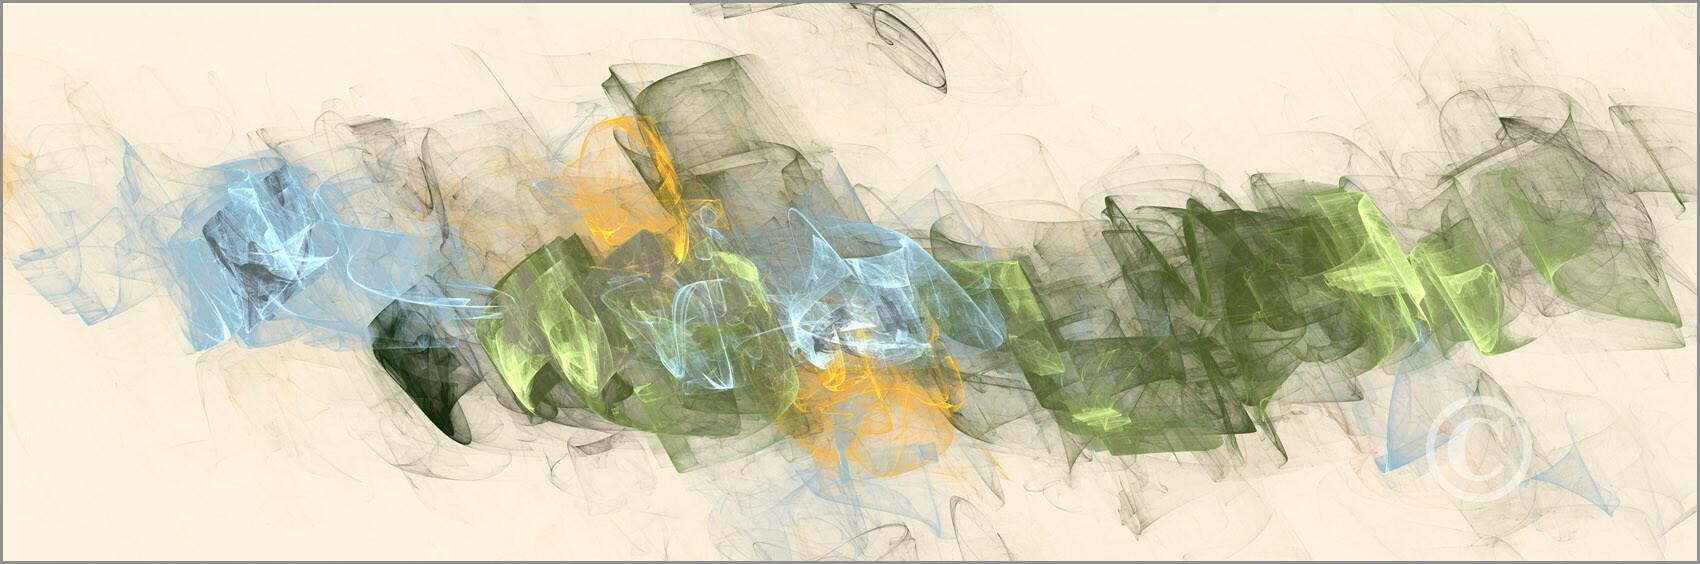 Colortrails_27953_XL